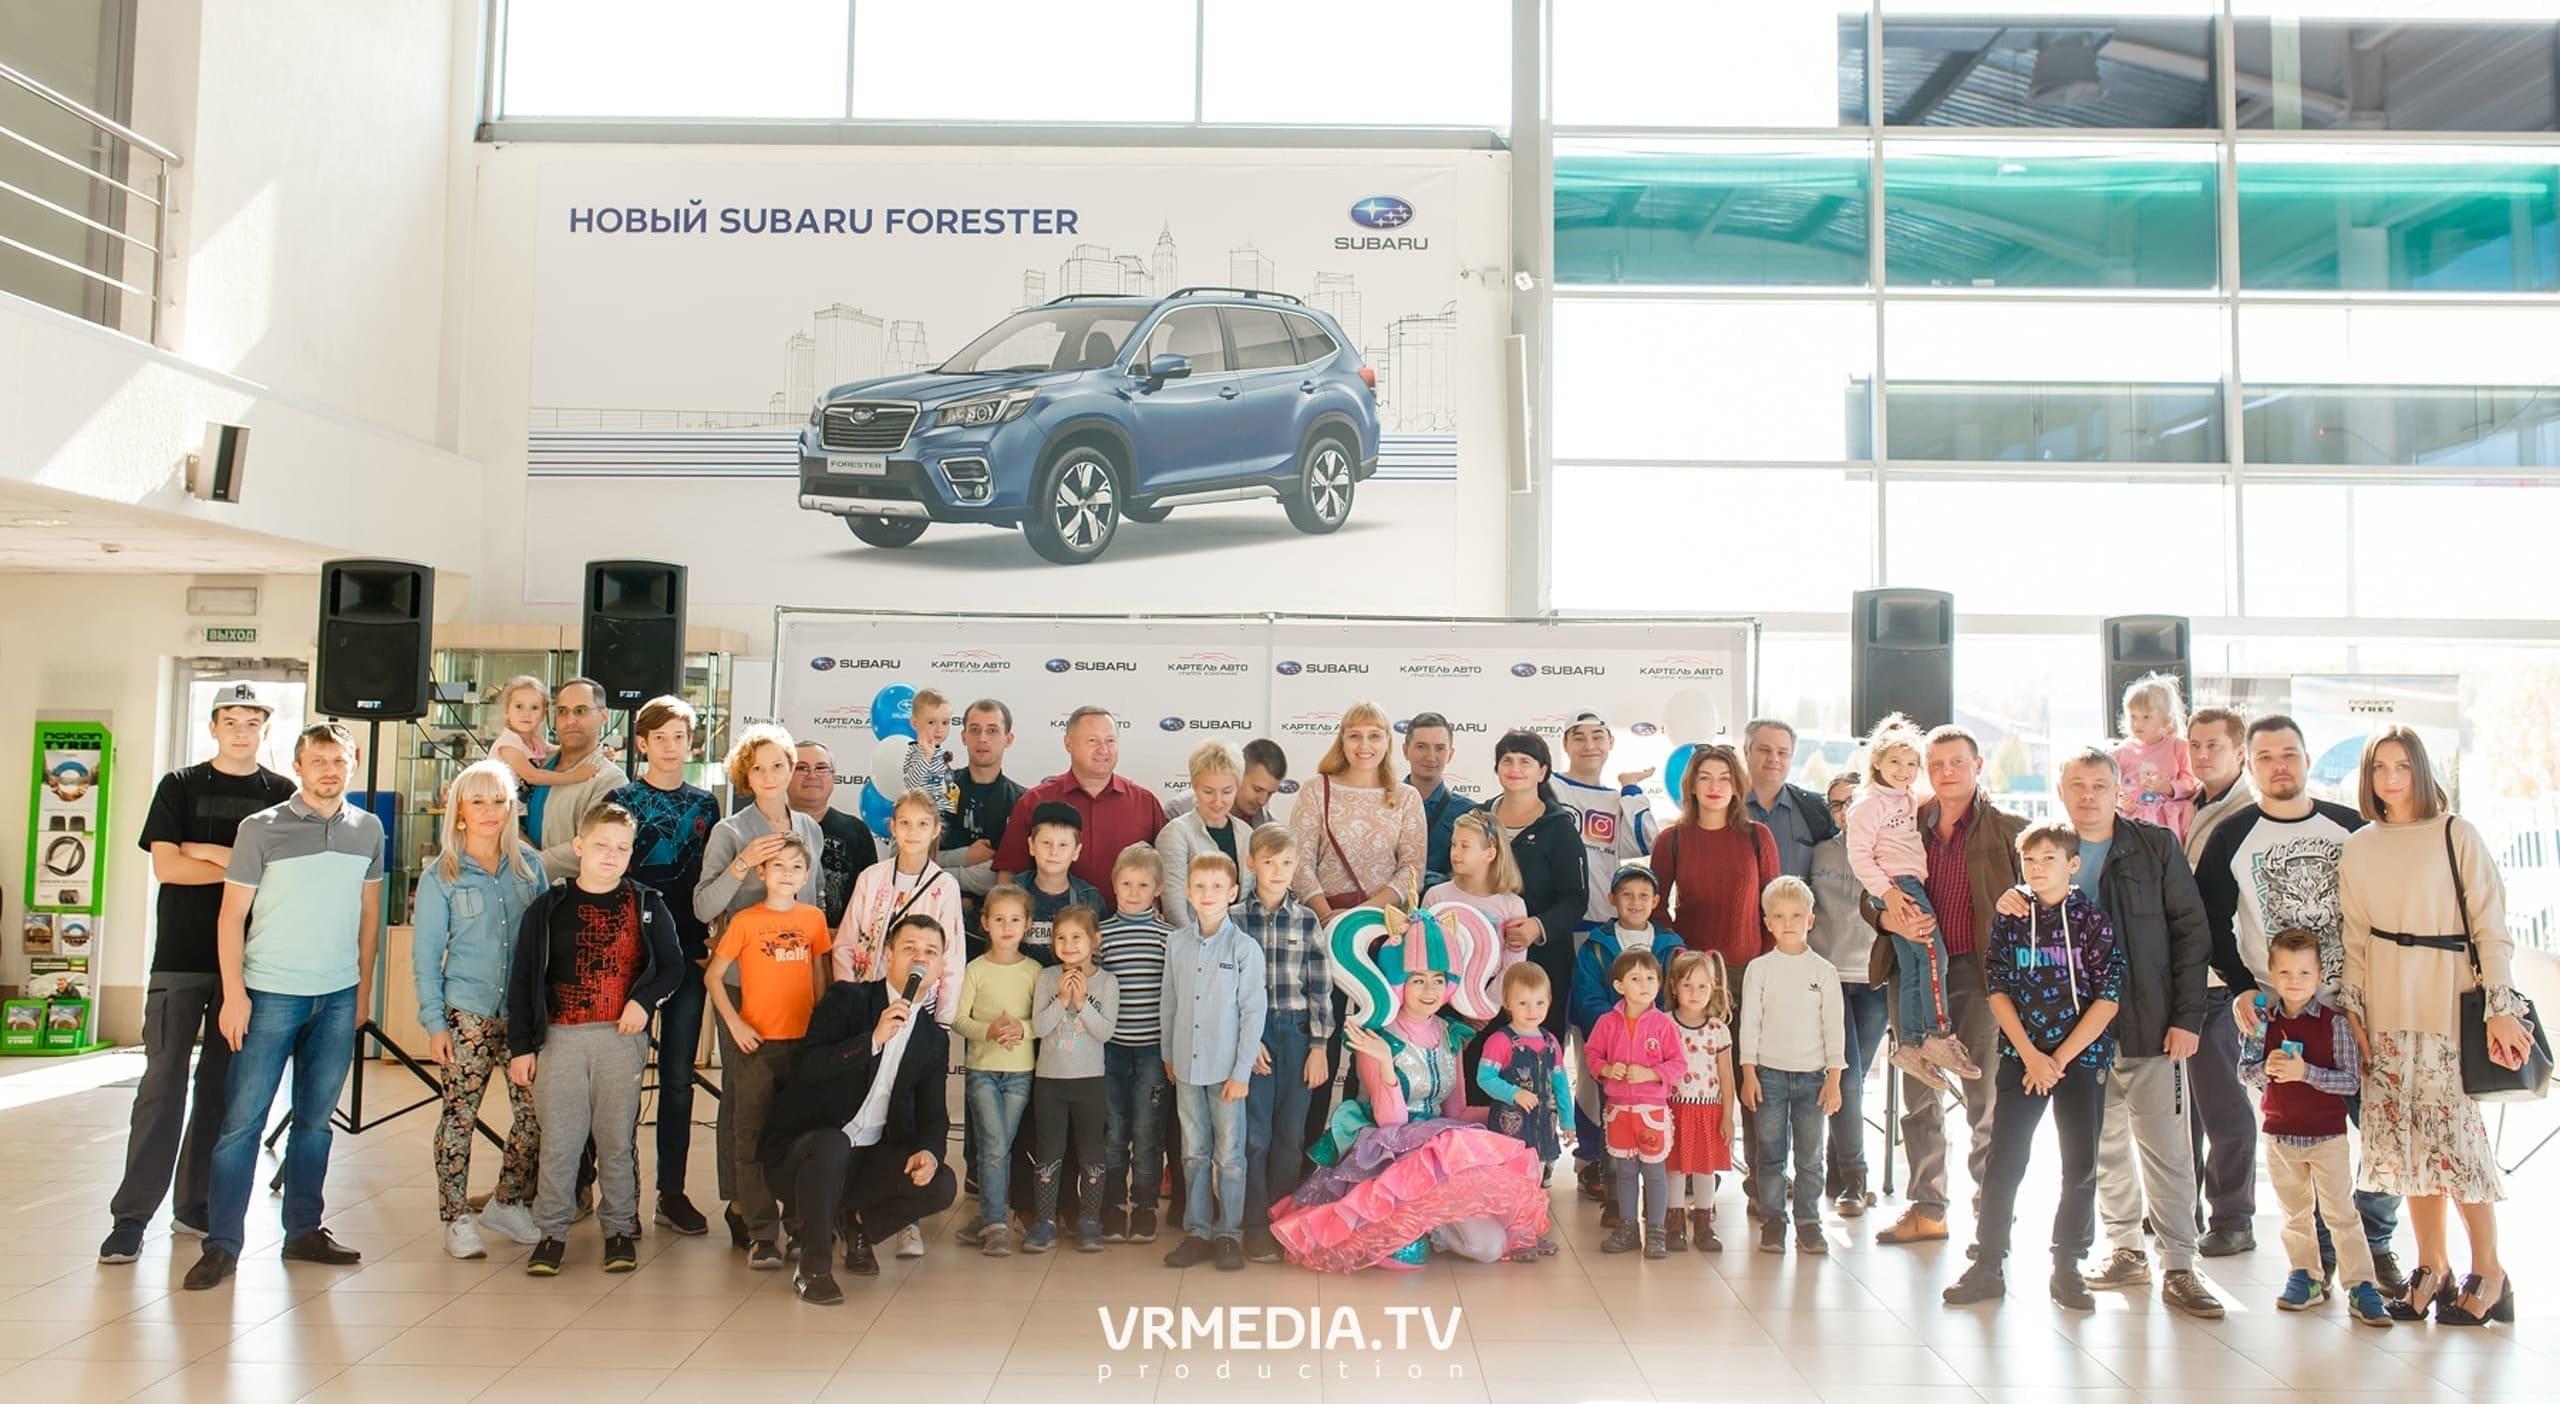 22 сентября в Субару Центр Кемерово прошел по-настоящему семейный праздник